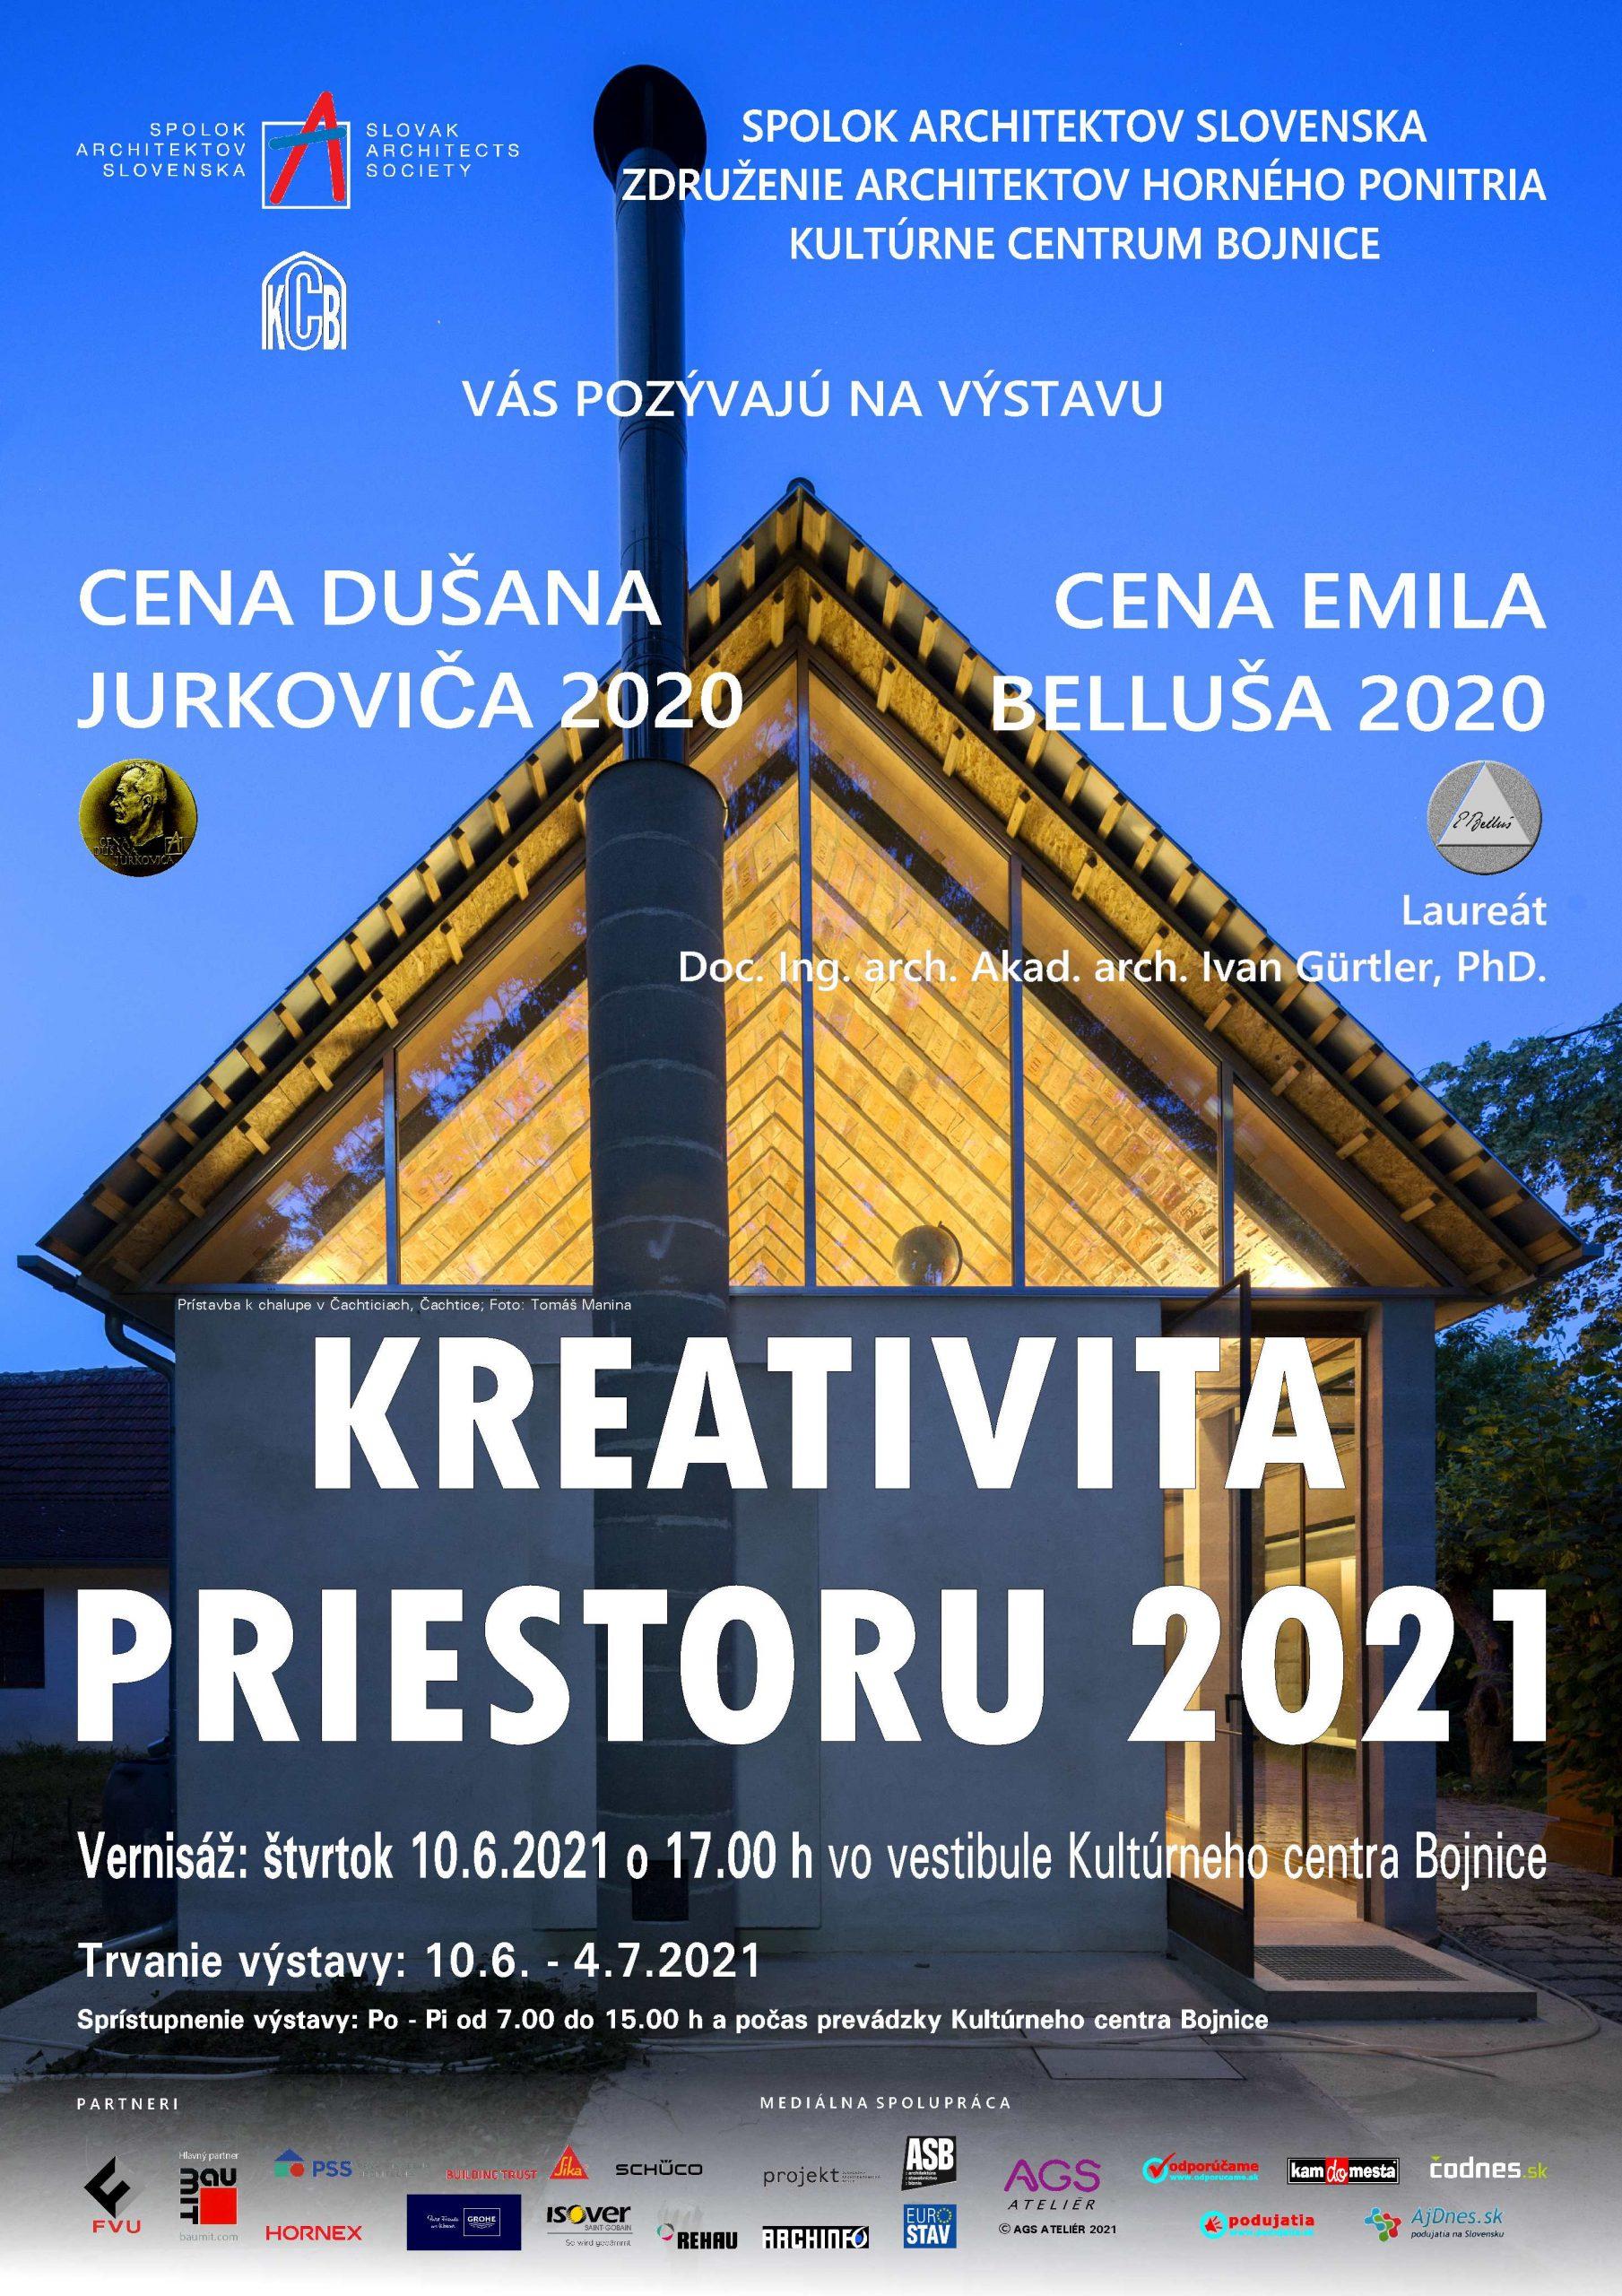 Kreativita priestoru 2021, Bojnice